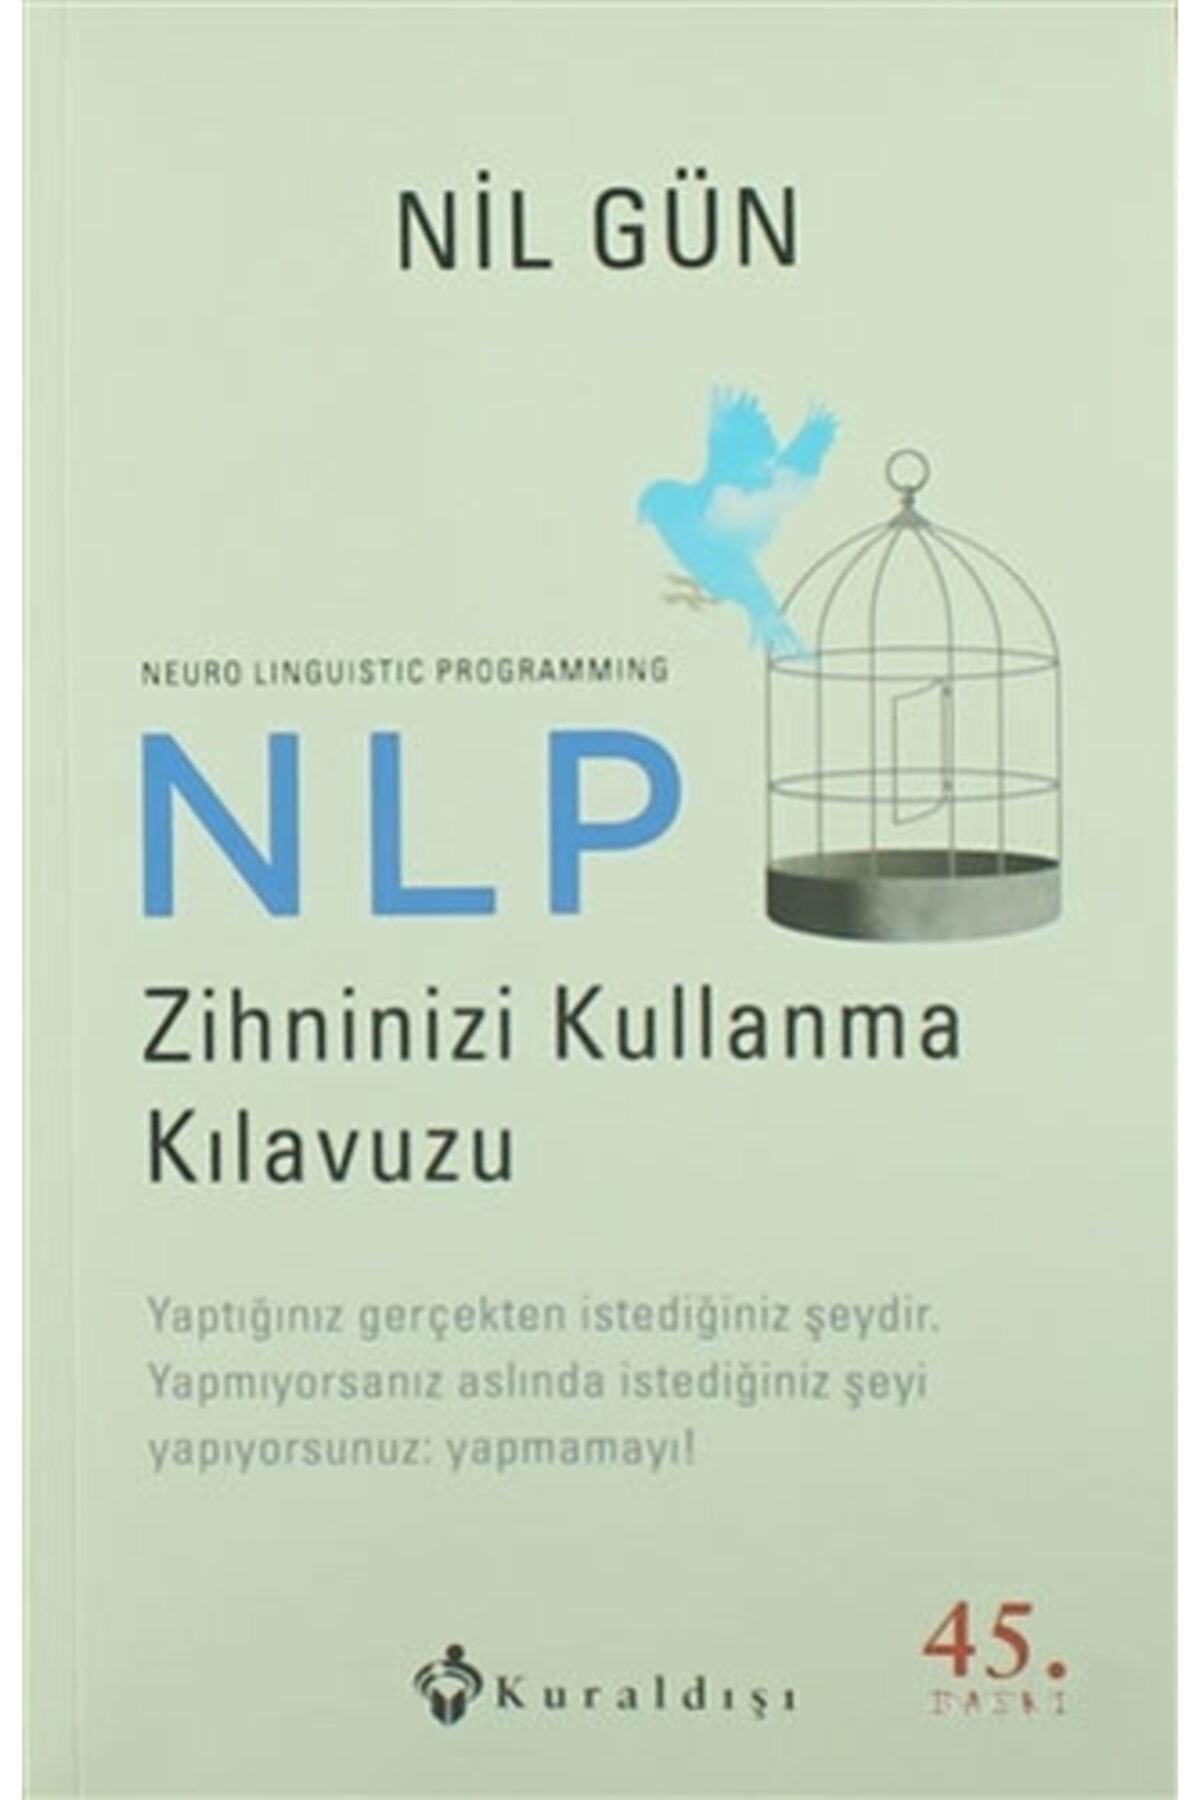 Kuraldışı Yayınları Nlp Zihninizi Kullanma Kılavuzu  Neuro Linguistic Programming Nil Gün 1